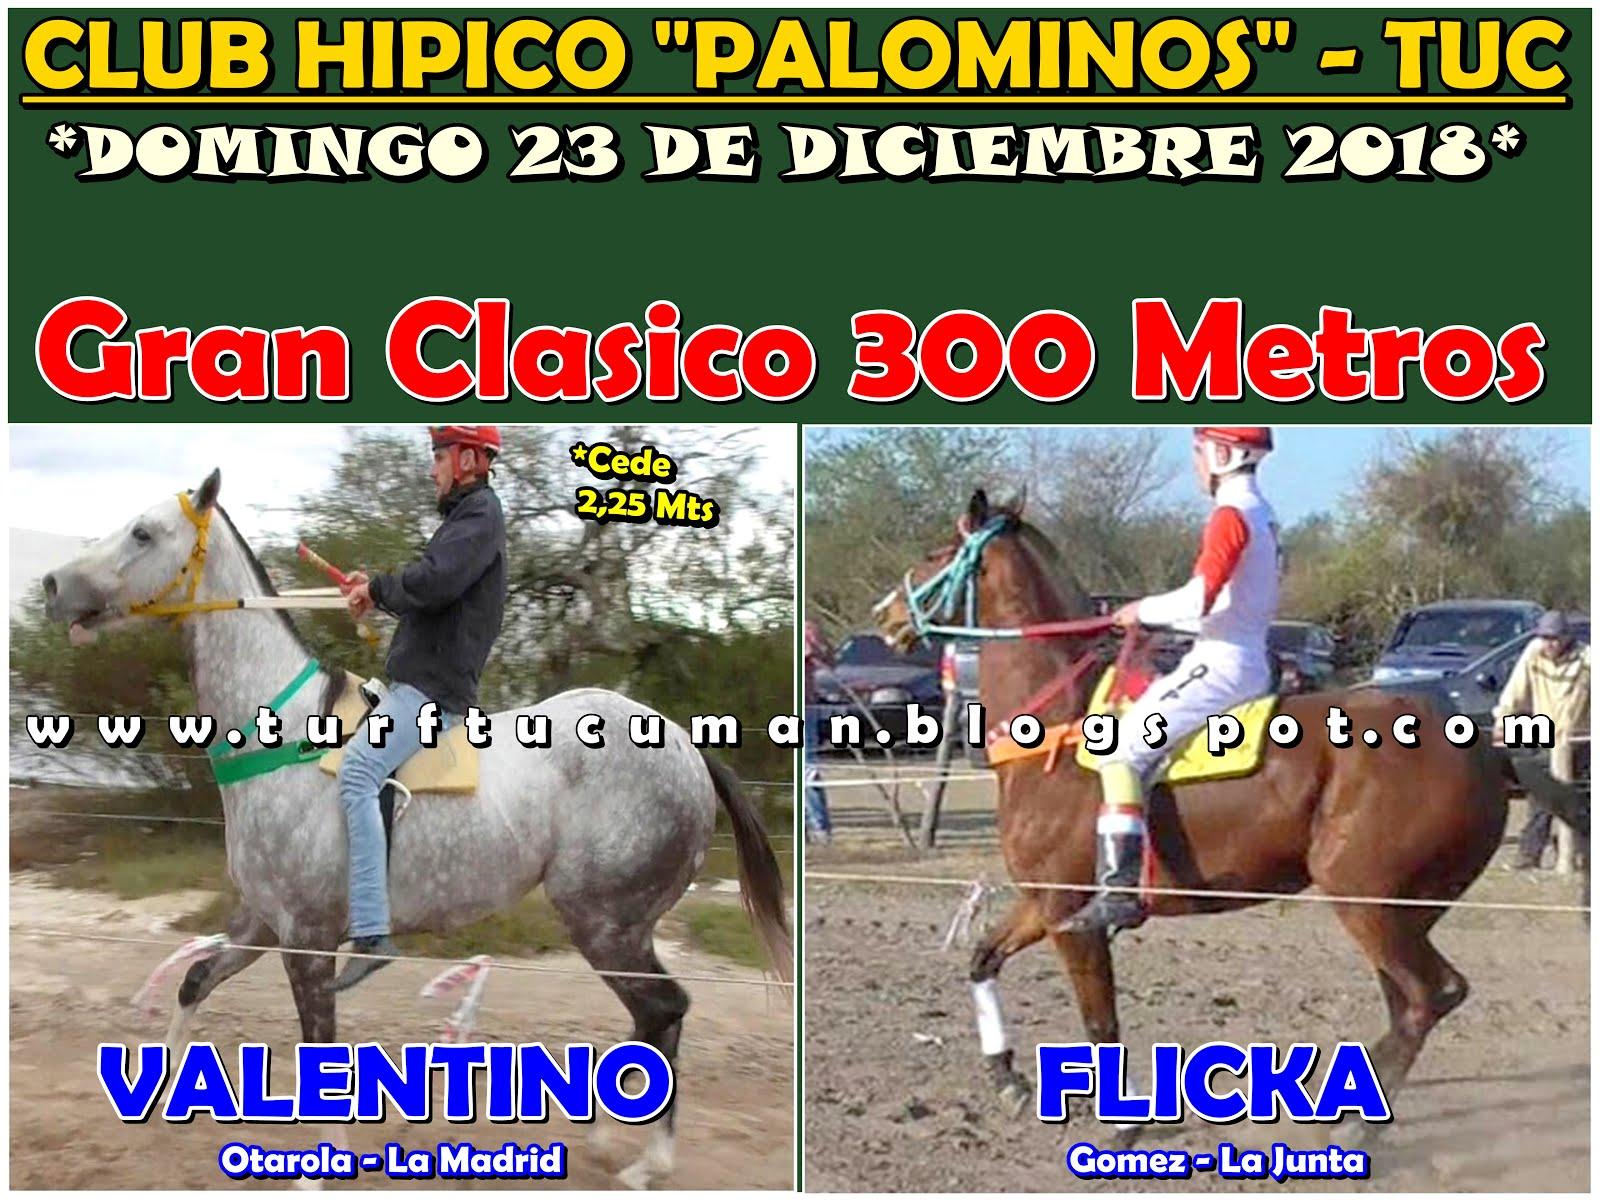 VALENTINO VS FLICKA